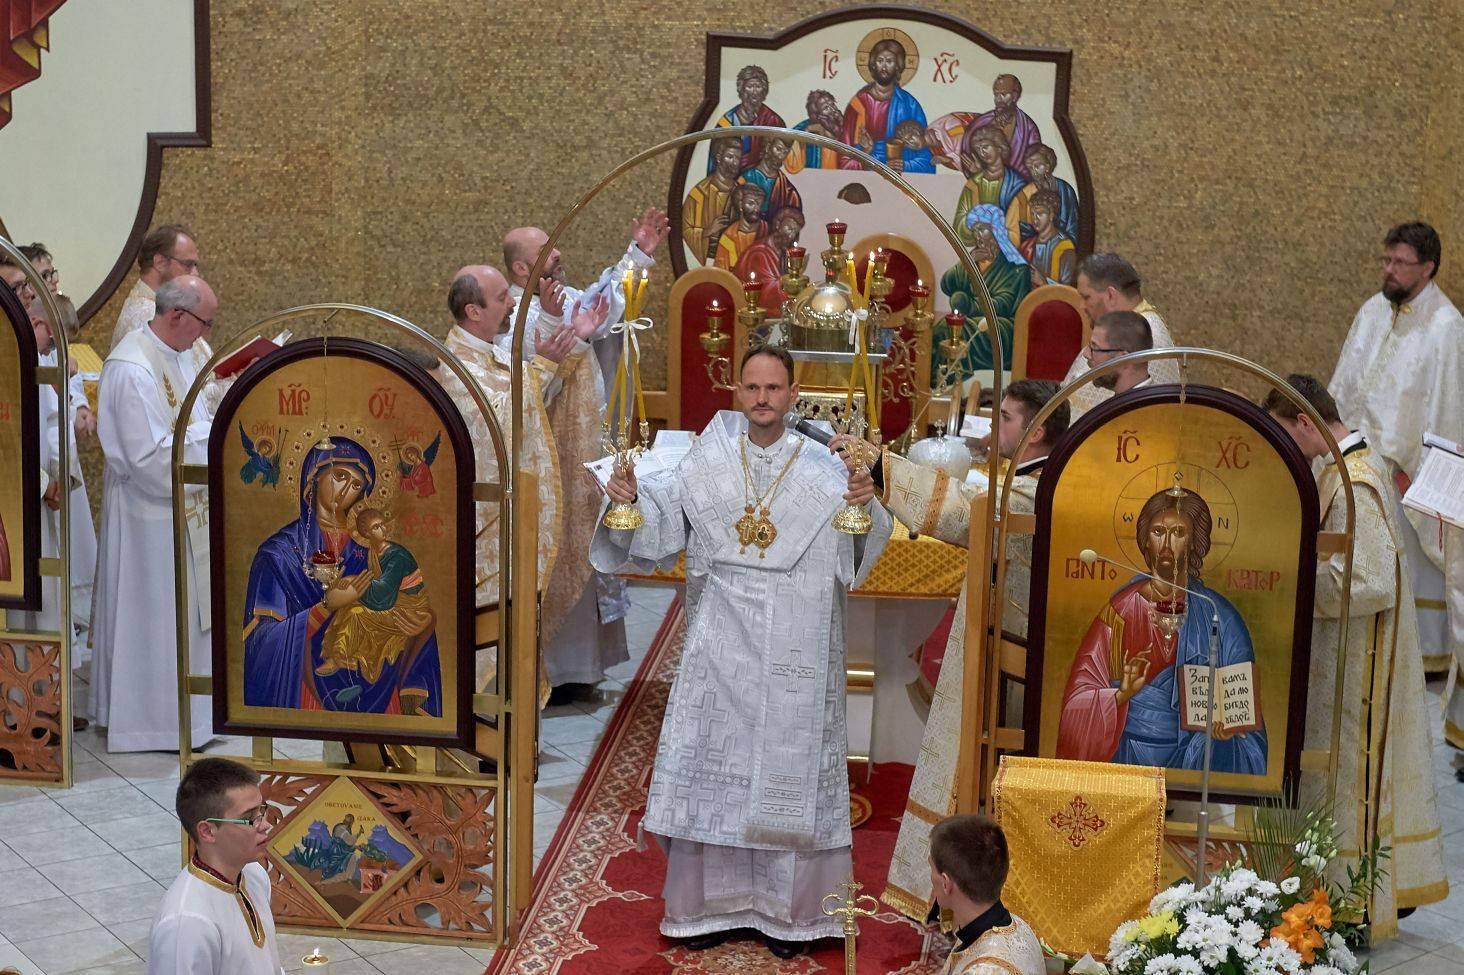 Biskup Marián Andrej Pacák na návšteve v našom chráme